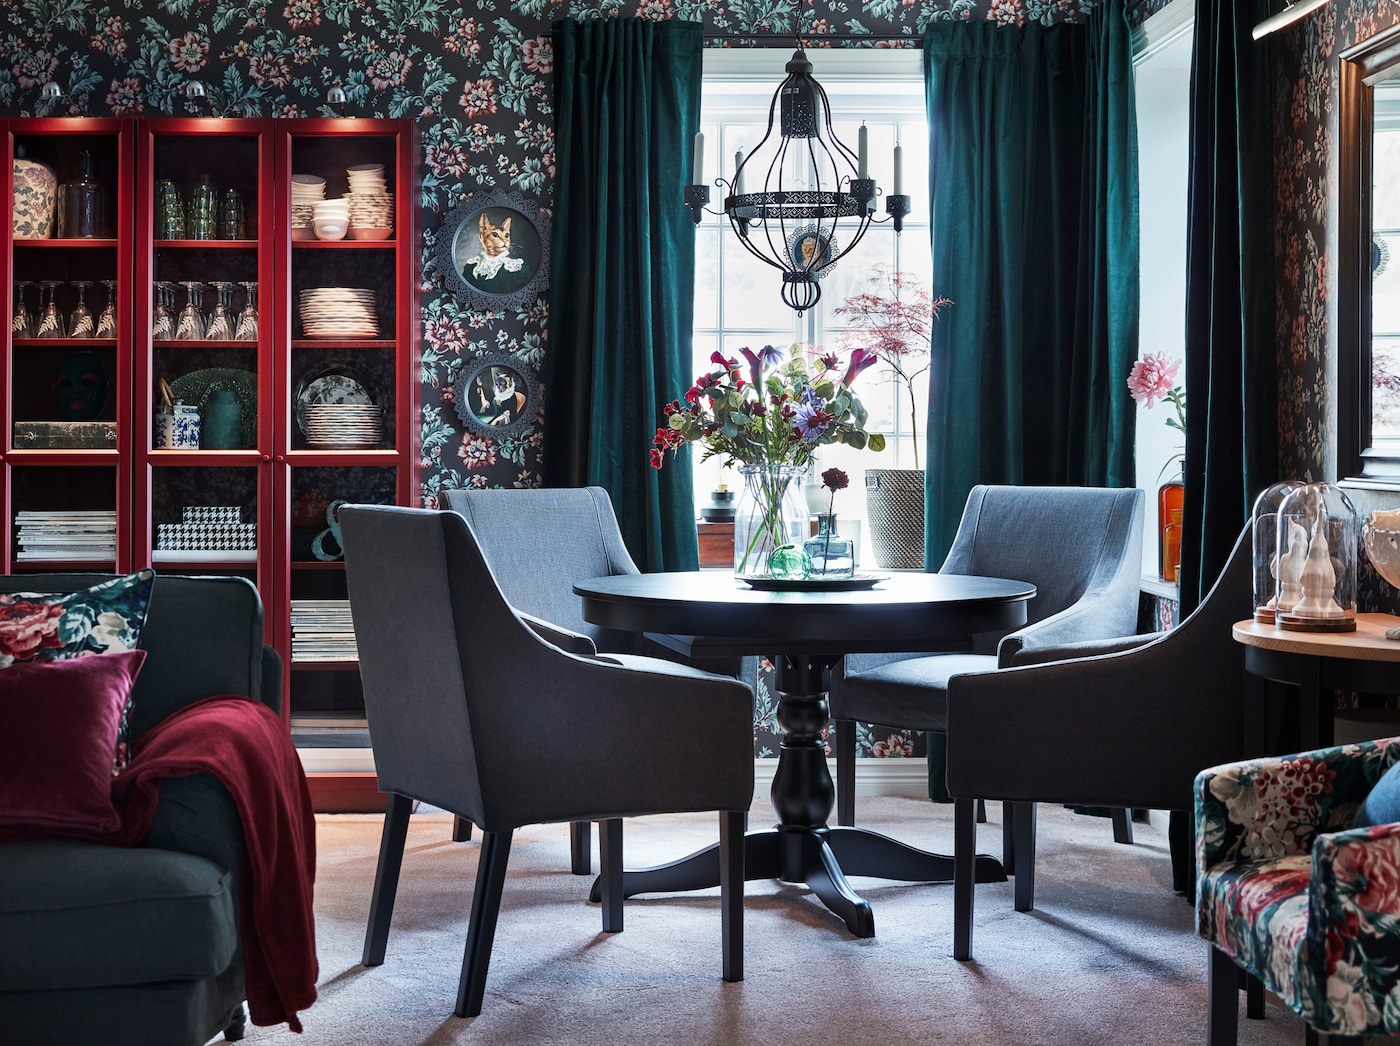 IKEA INGATORP zwarte ronde uitschuifbare tafel en SAKARIAS eetkamerstoelen in zowel grijs als bloemenpatronen ondersteunen het vintage bloemenbehang en donkergroene fluwelen gordijnen van de eetkamer.